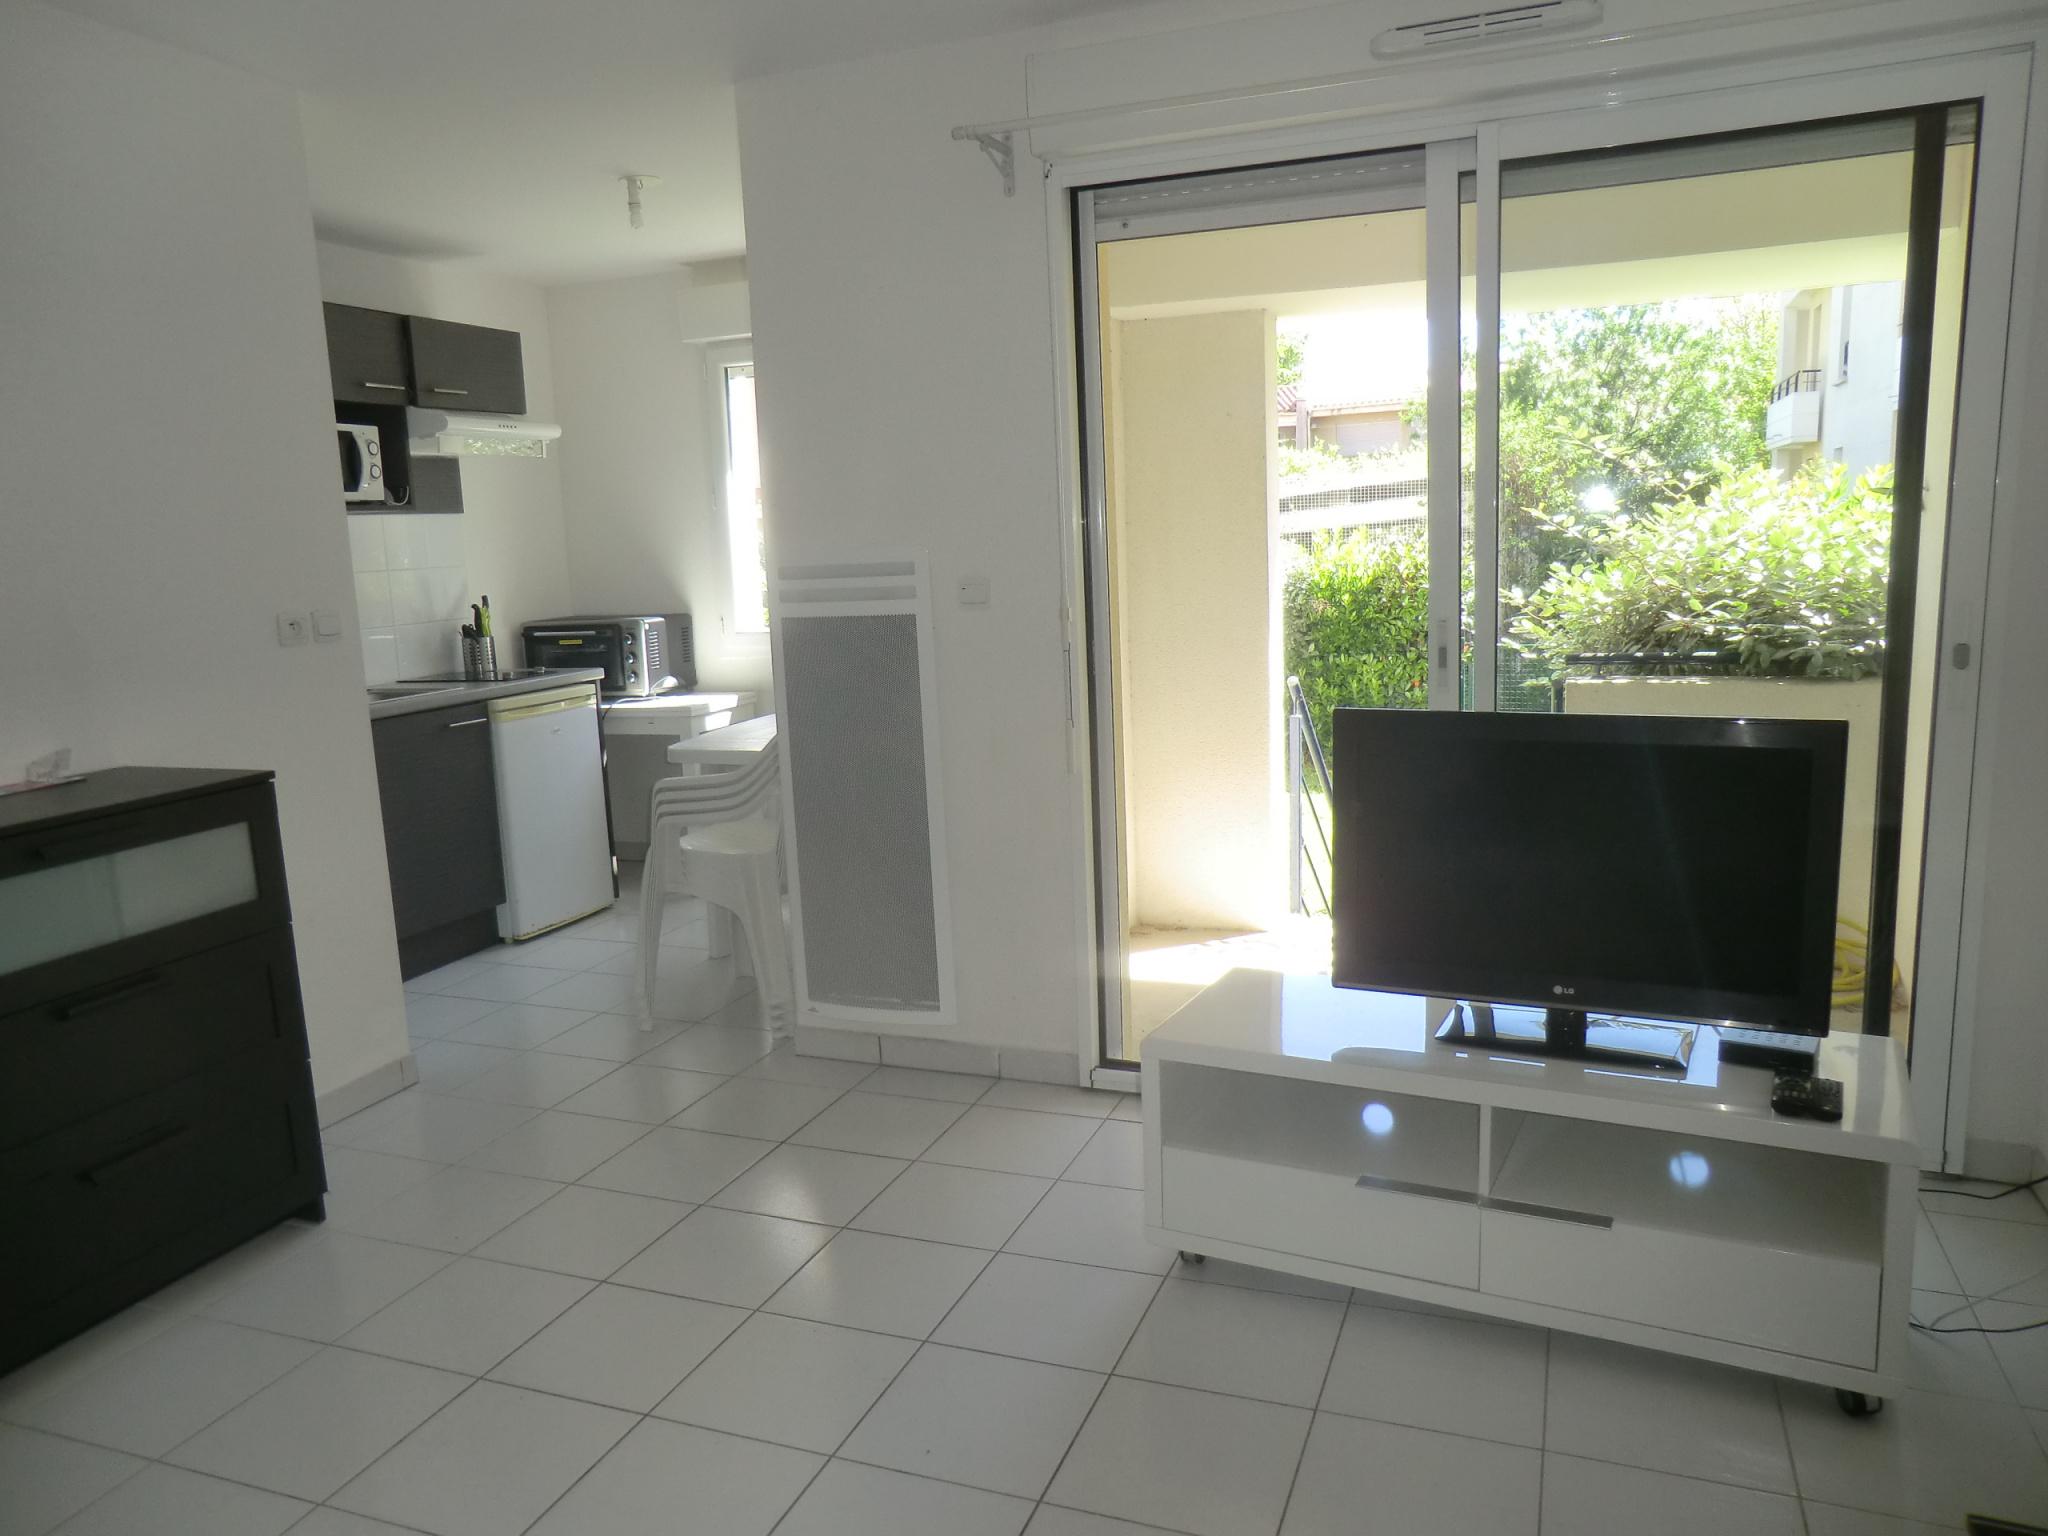 À vendre appartement de 44m2 à argeles sur mer (66700) - Photo 6'